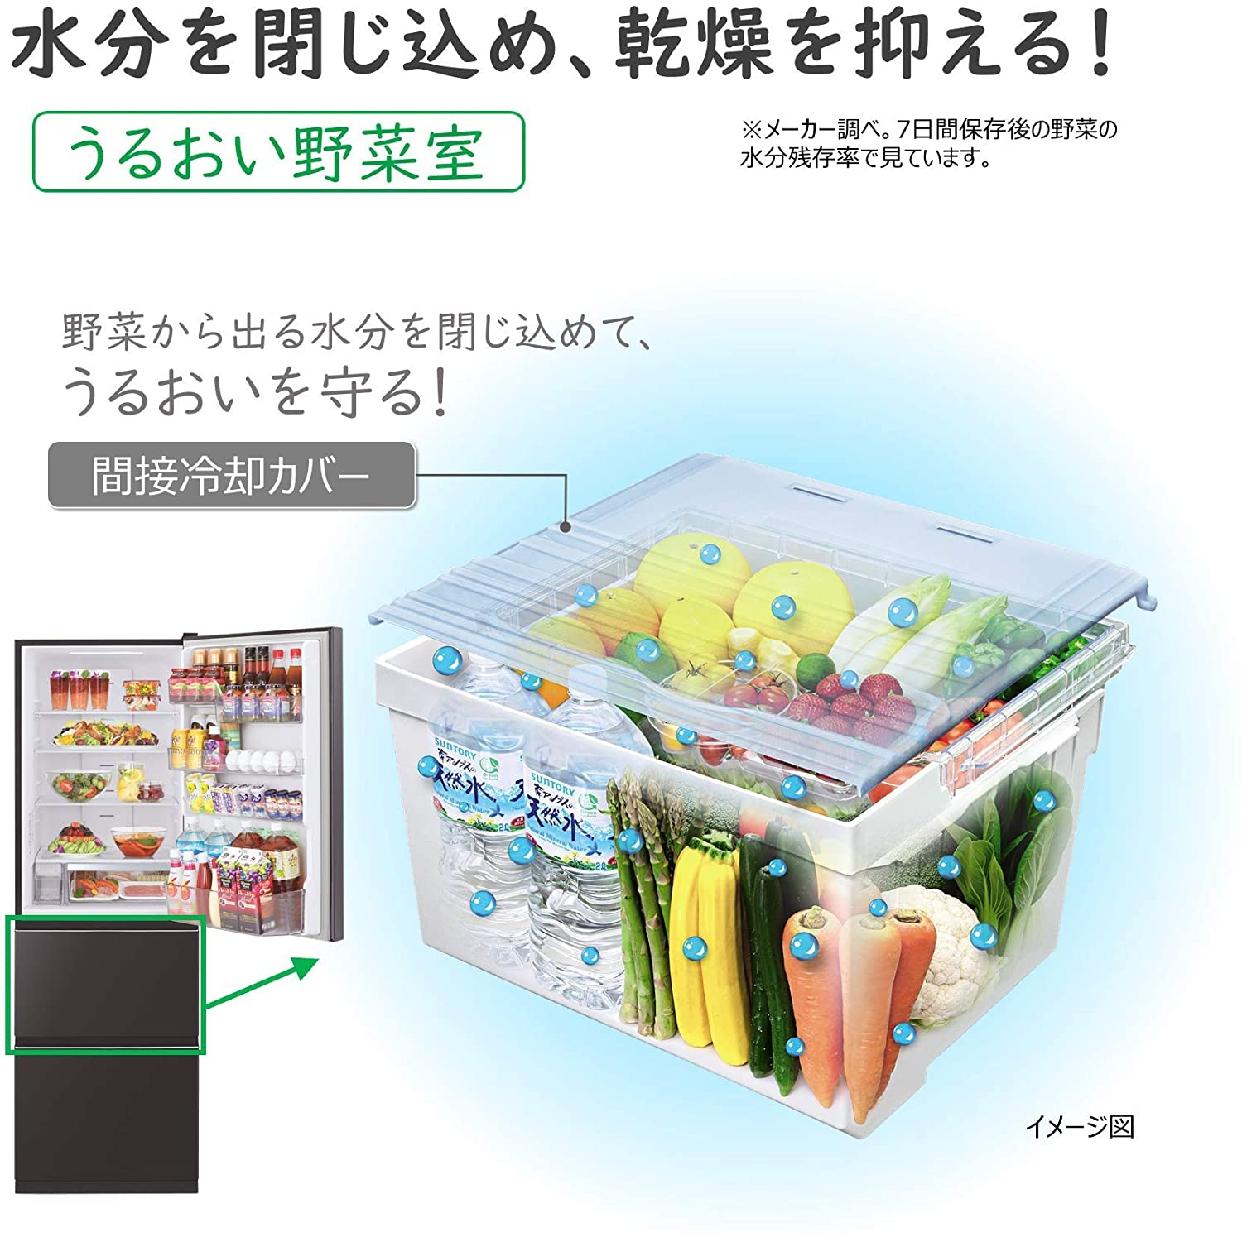 日立(ひたち)うるおいチルド 冷蔵庫 R-V38KVの商品画像4